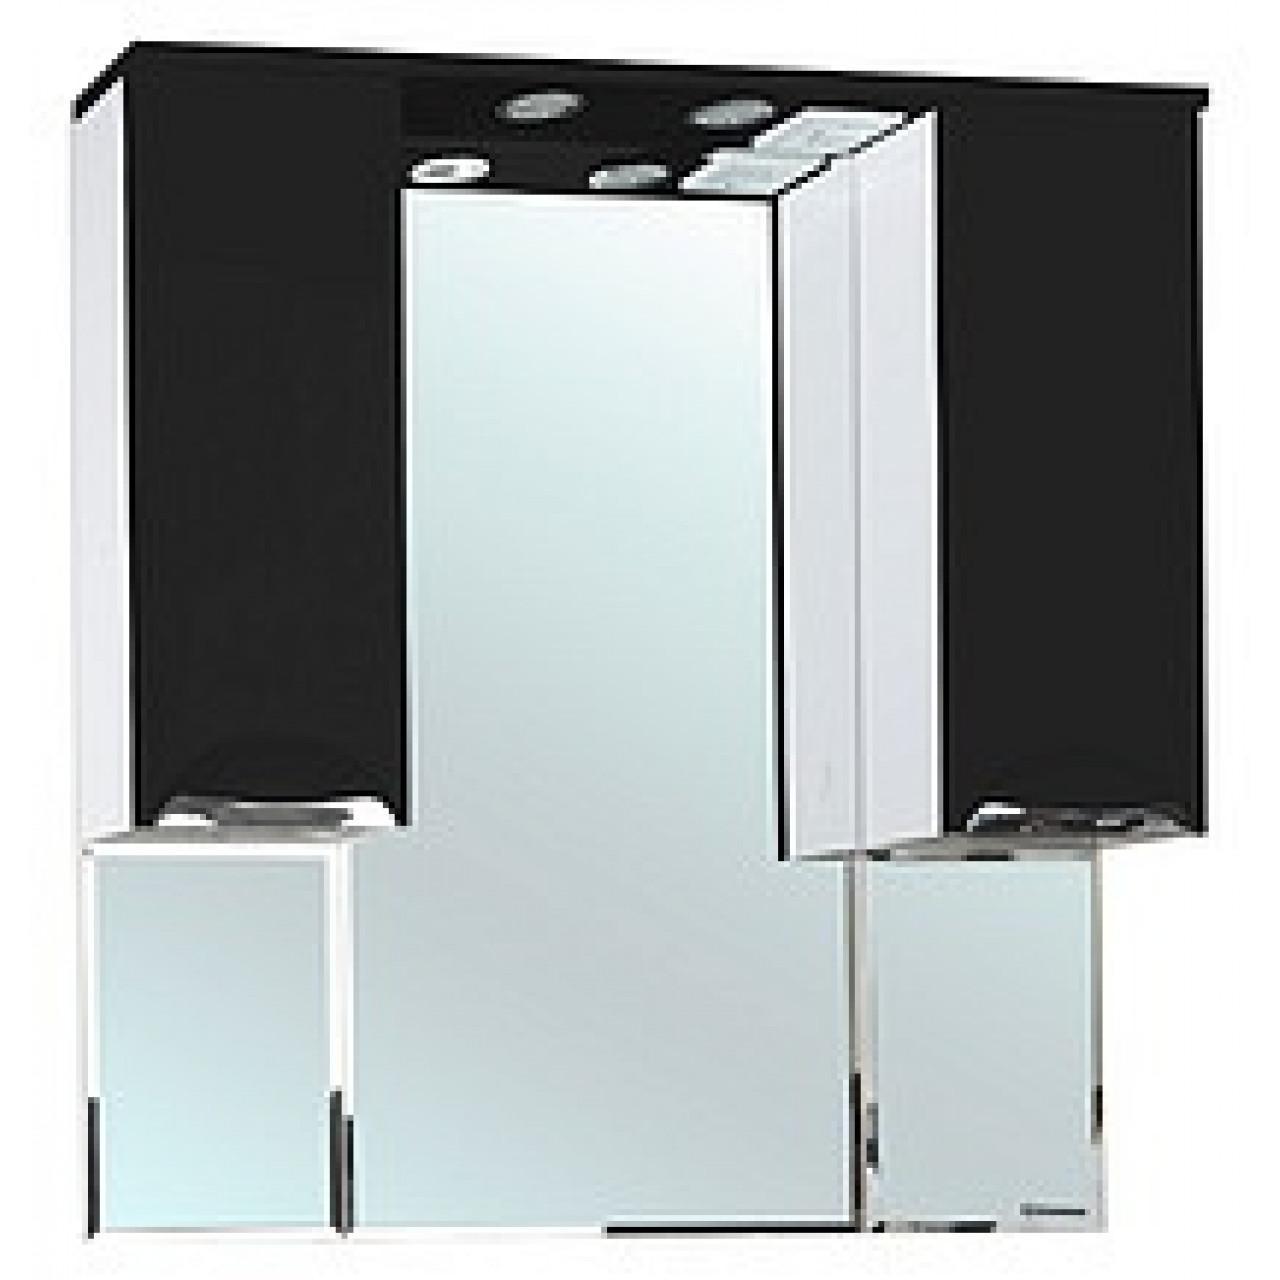 Зеркало-шкаф Bellezza Альфа 90 (черный, красный, бежевый) купить в Москве по цене от 9090р. в интернет-магазине mebel-v-vannu.ru